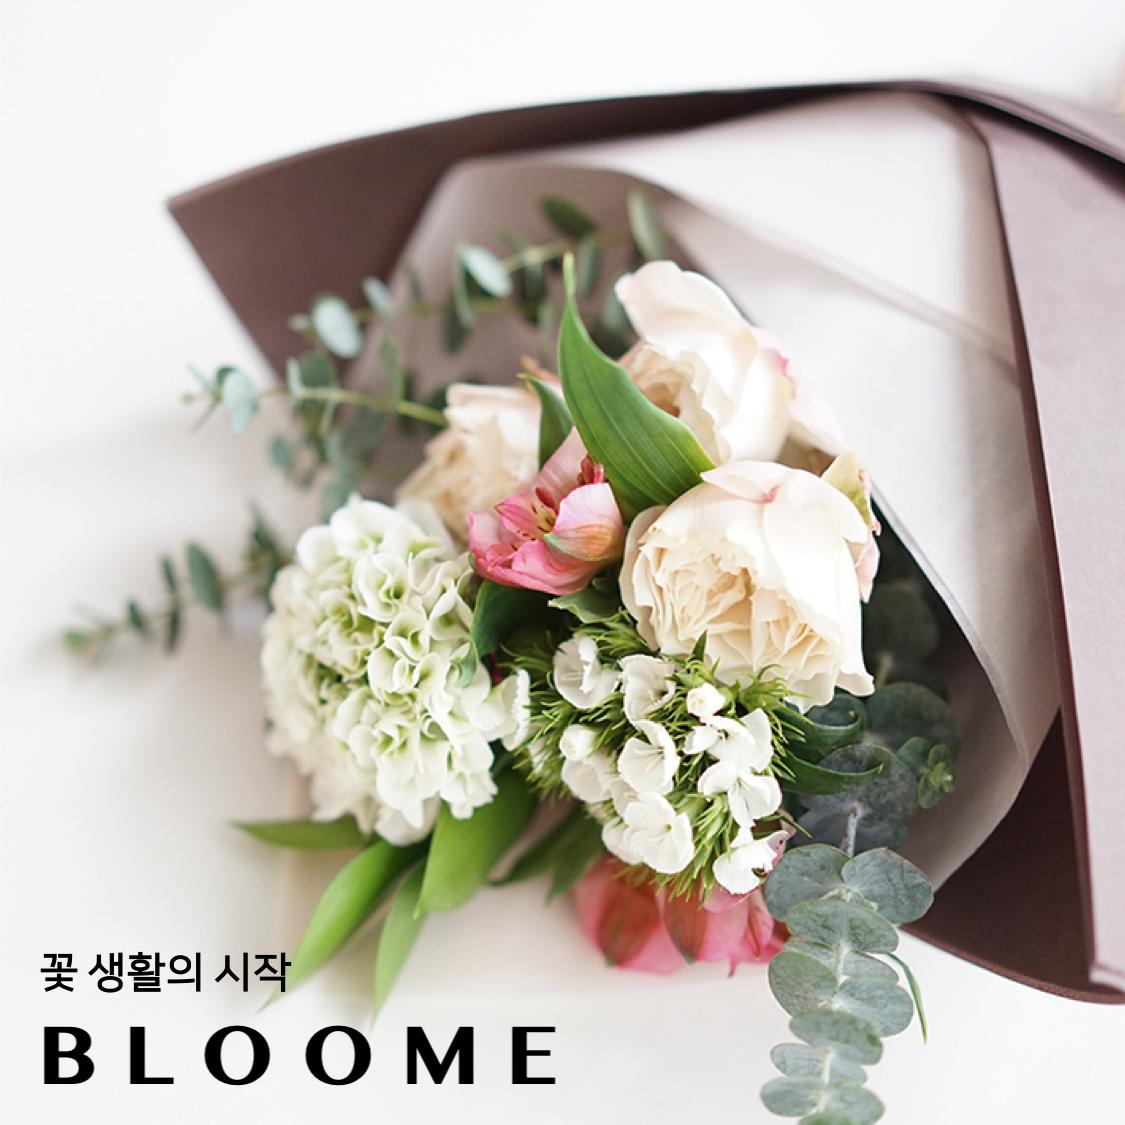 블루미 꽃 정기배송 서비스